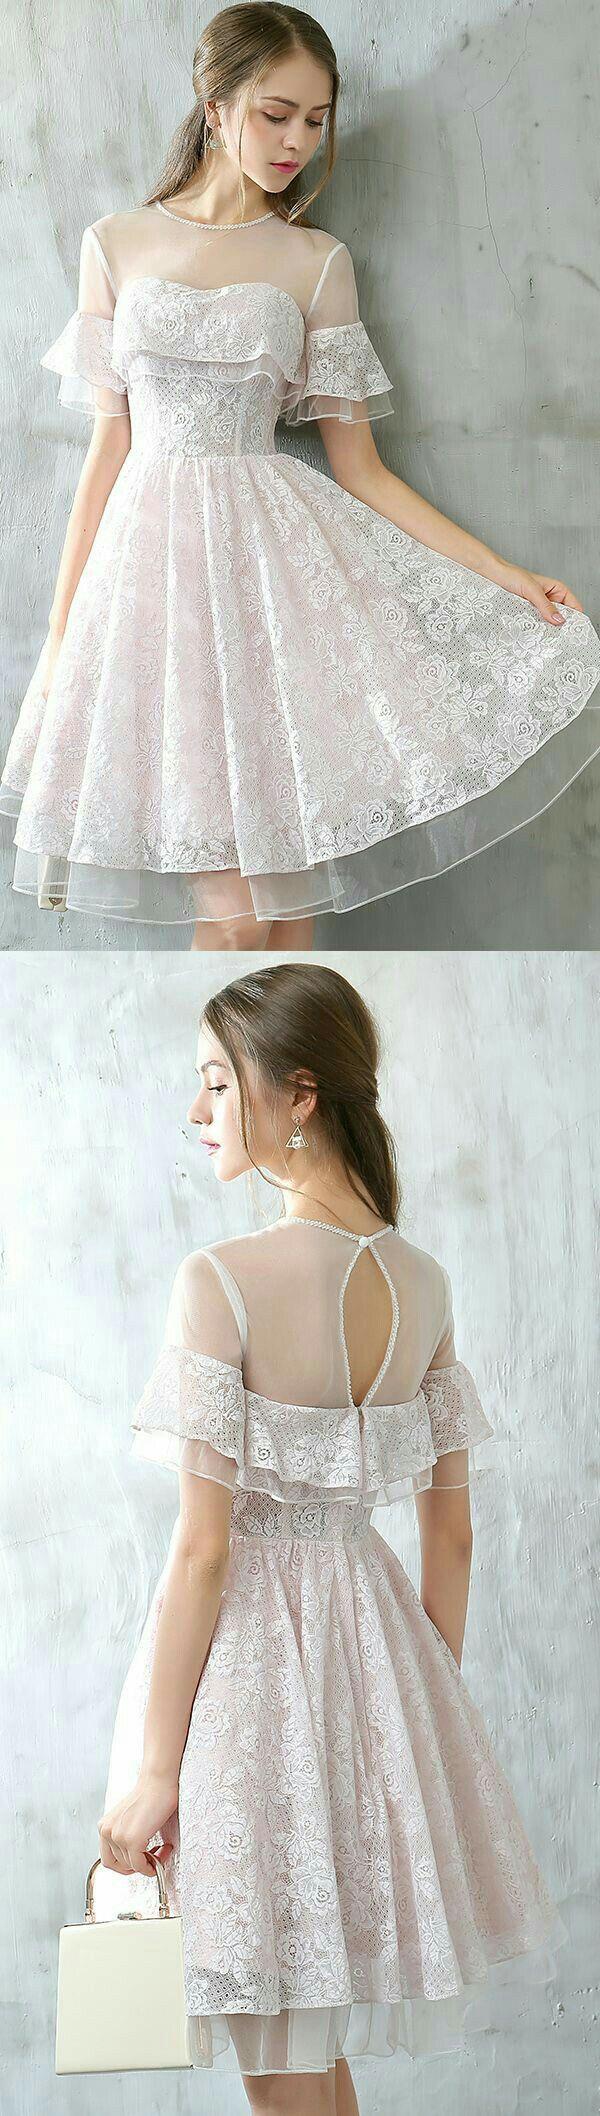 Pin by aisha cumshud on kıyafet seçenekleri pinterest prom